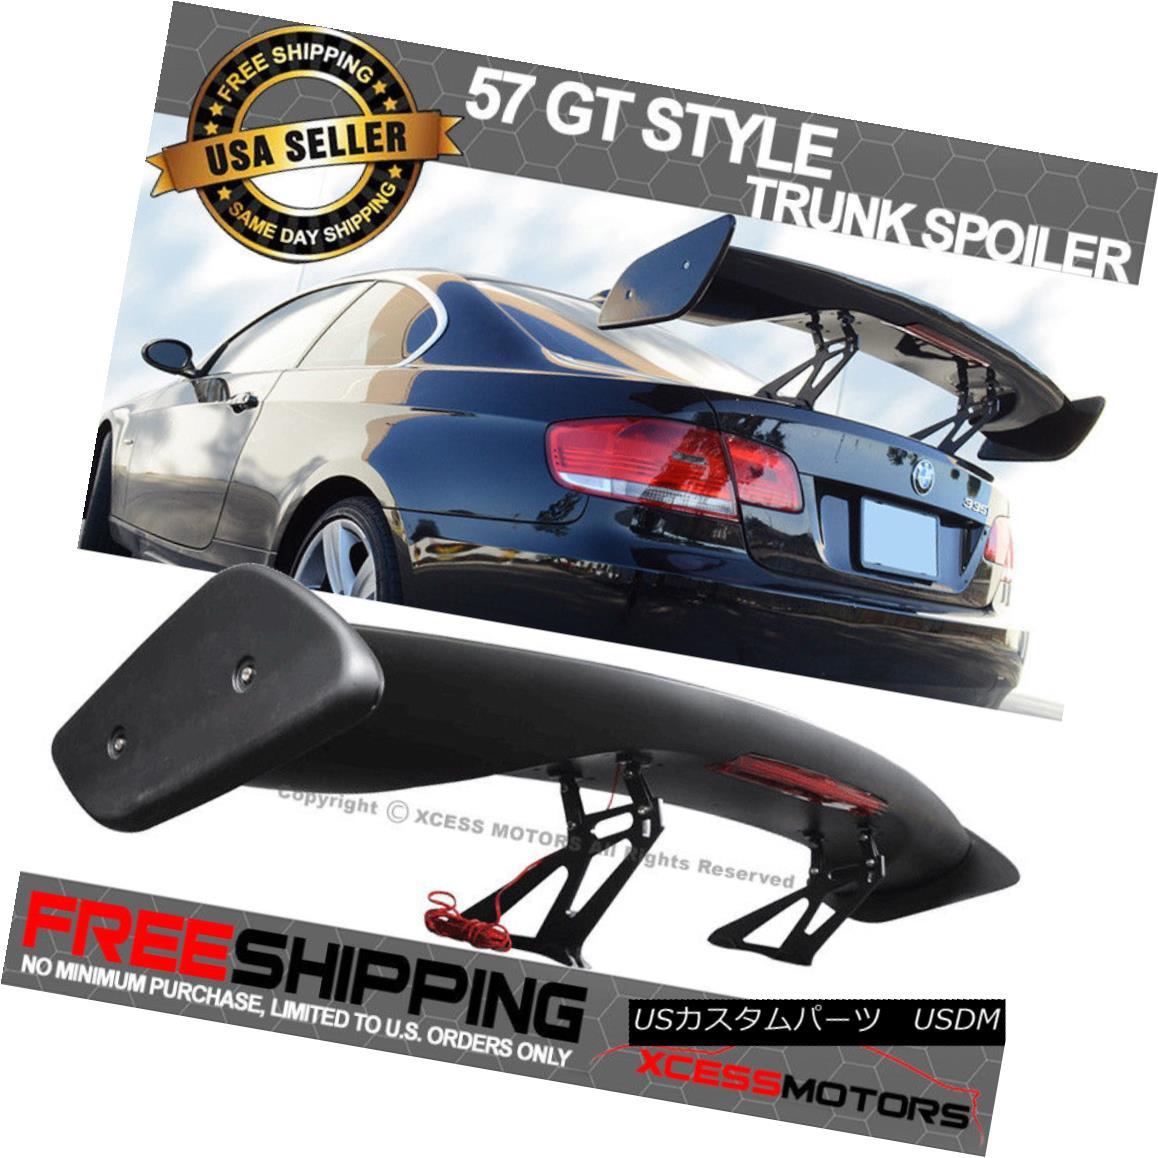 エアロパーツ Fits Nissan 57 Inch Adjustable GT Black ABS Trunk Spoiler Wing LED Brake Light 日産57インチ調整可能GTブラックABSトランク・スポイラー翼LEDブレーキライト